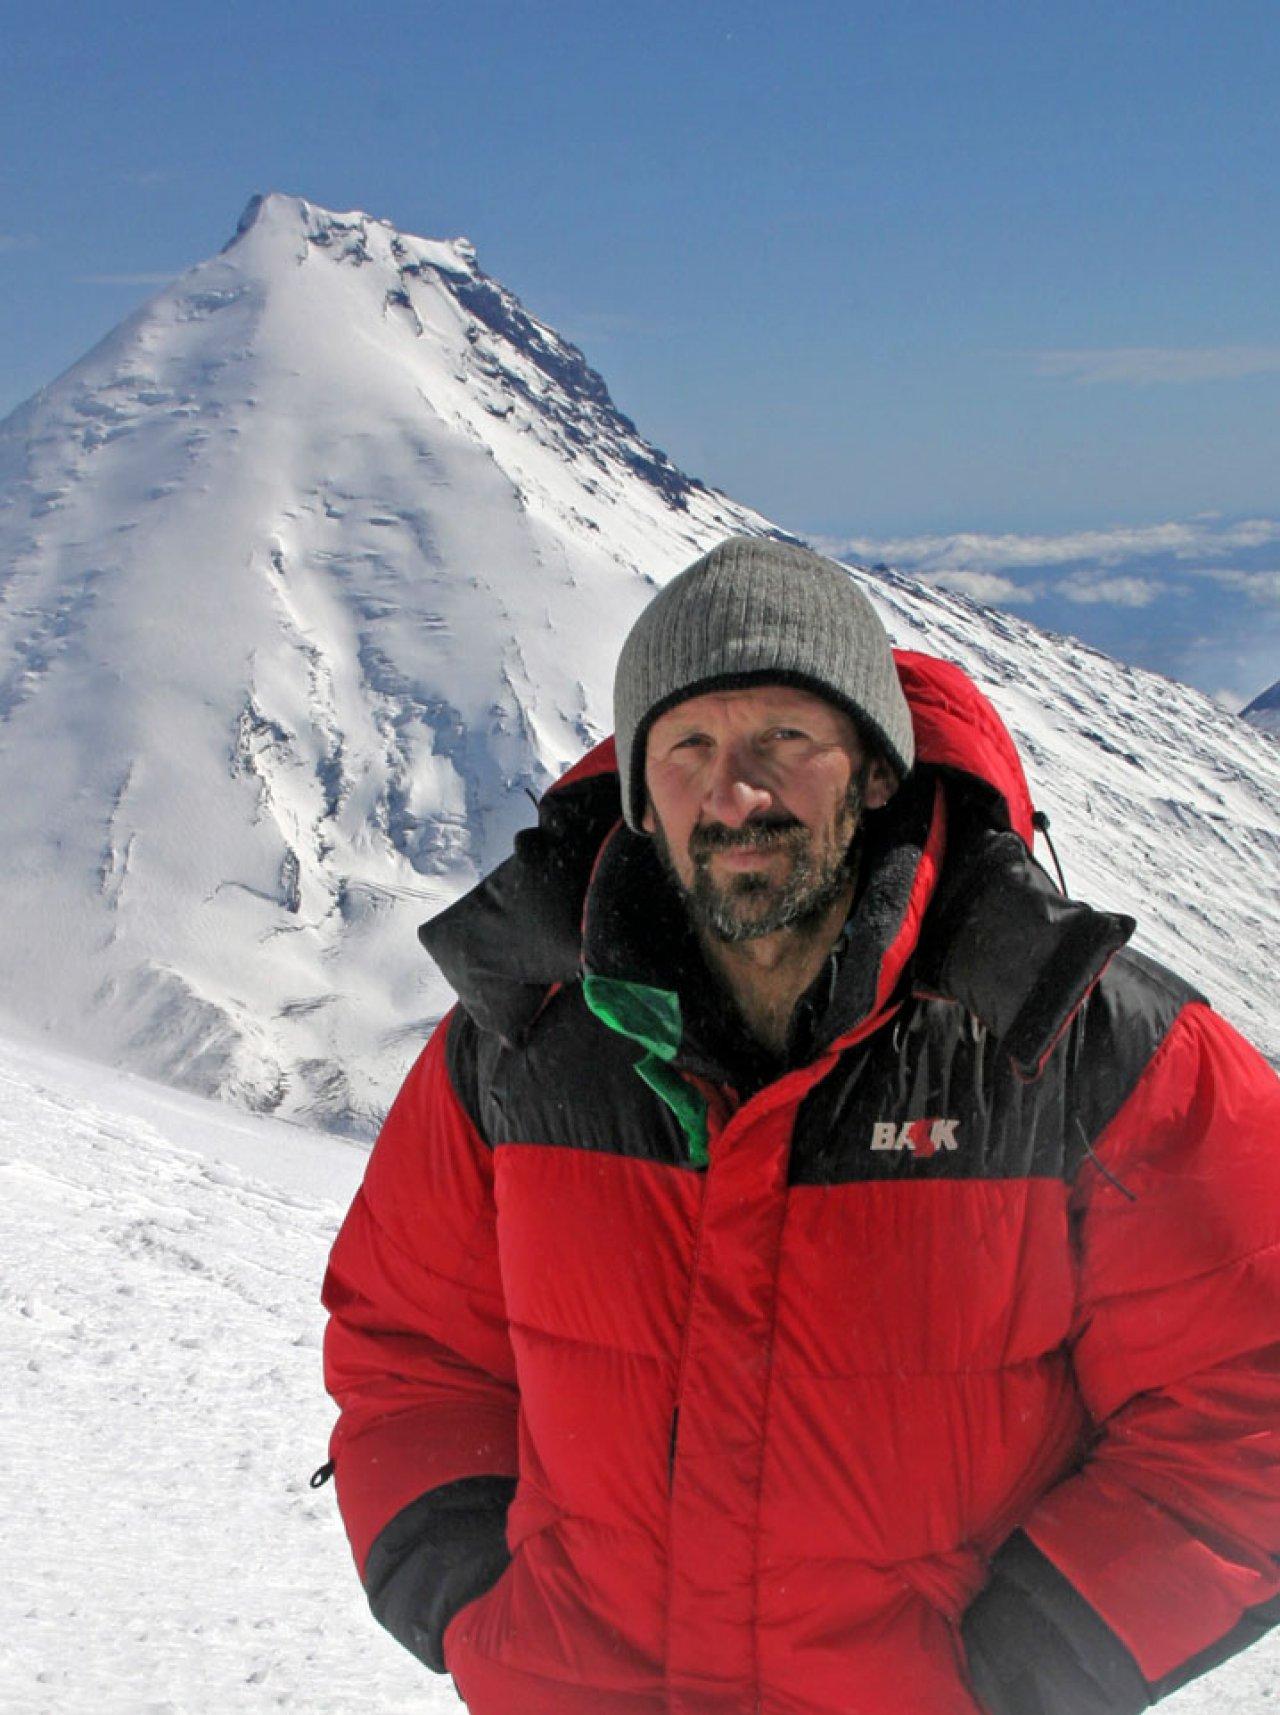 Вулканолог Михаил Зеленский. Фото: личный архив